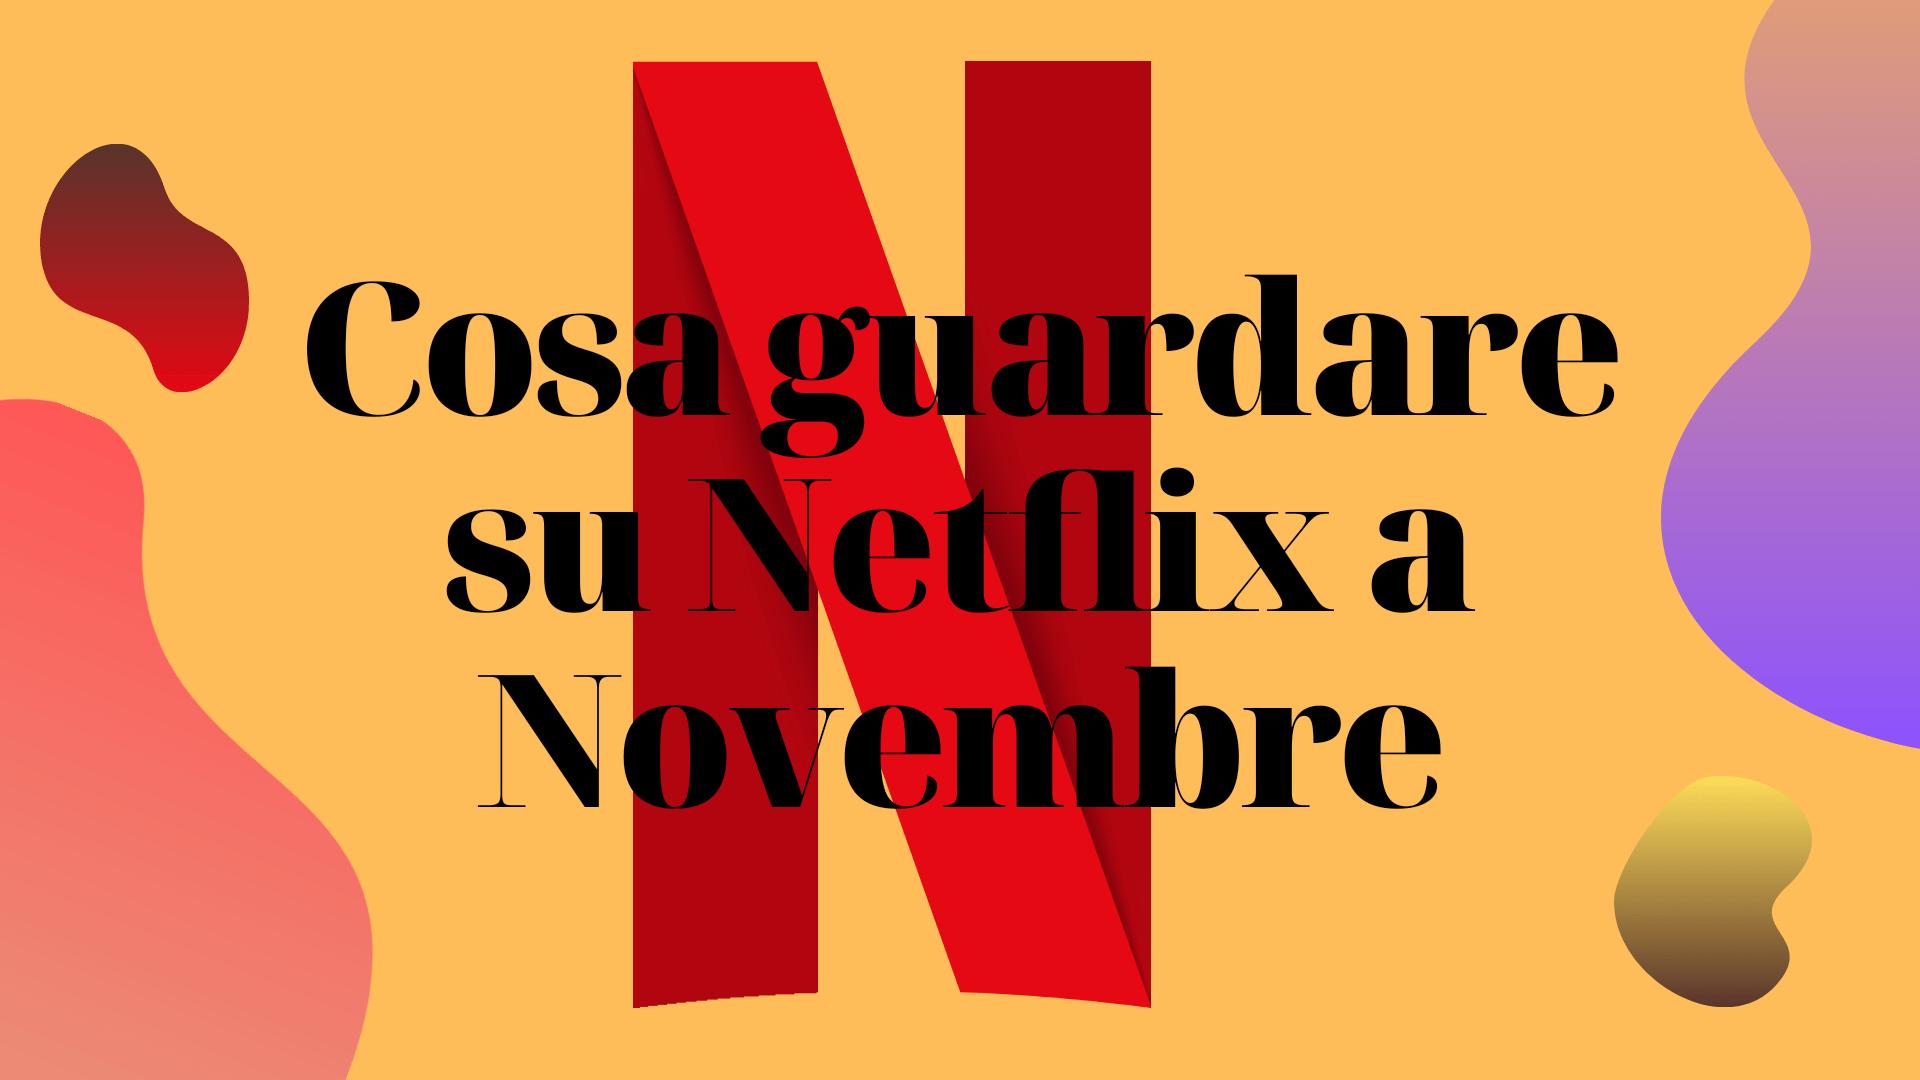 Cosa guardare su Netflix a Novembre